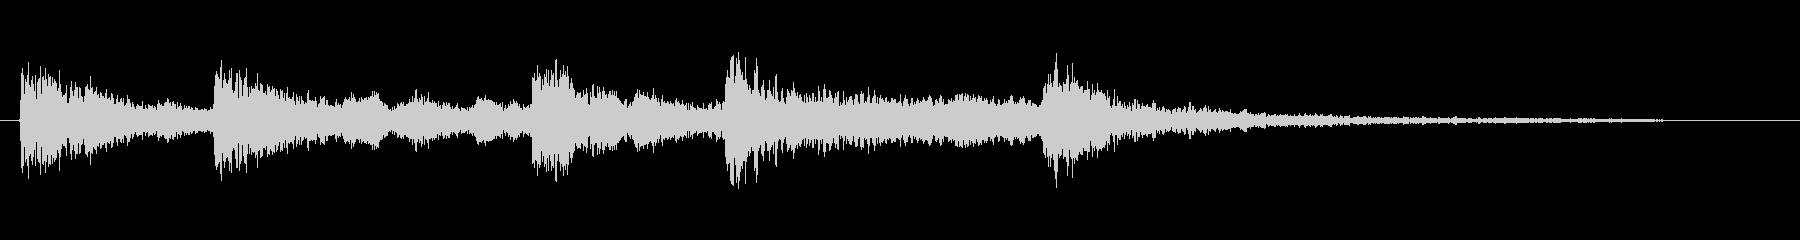 中国チャイナ風ジングル出囃子音の未再生の波形